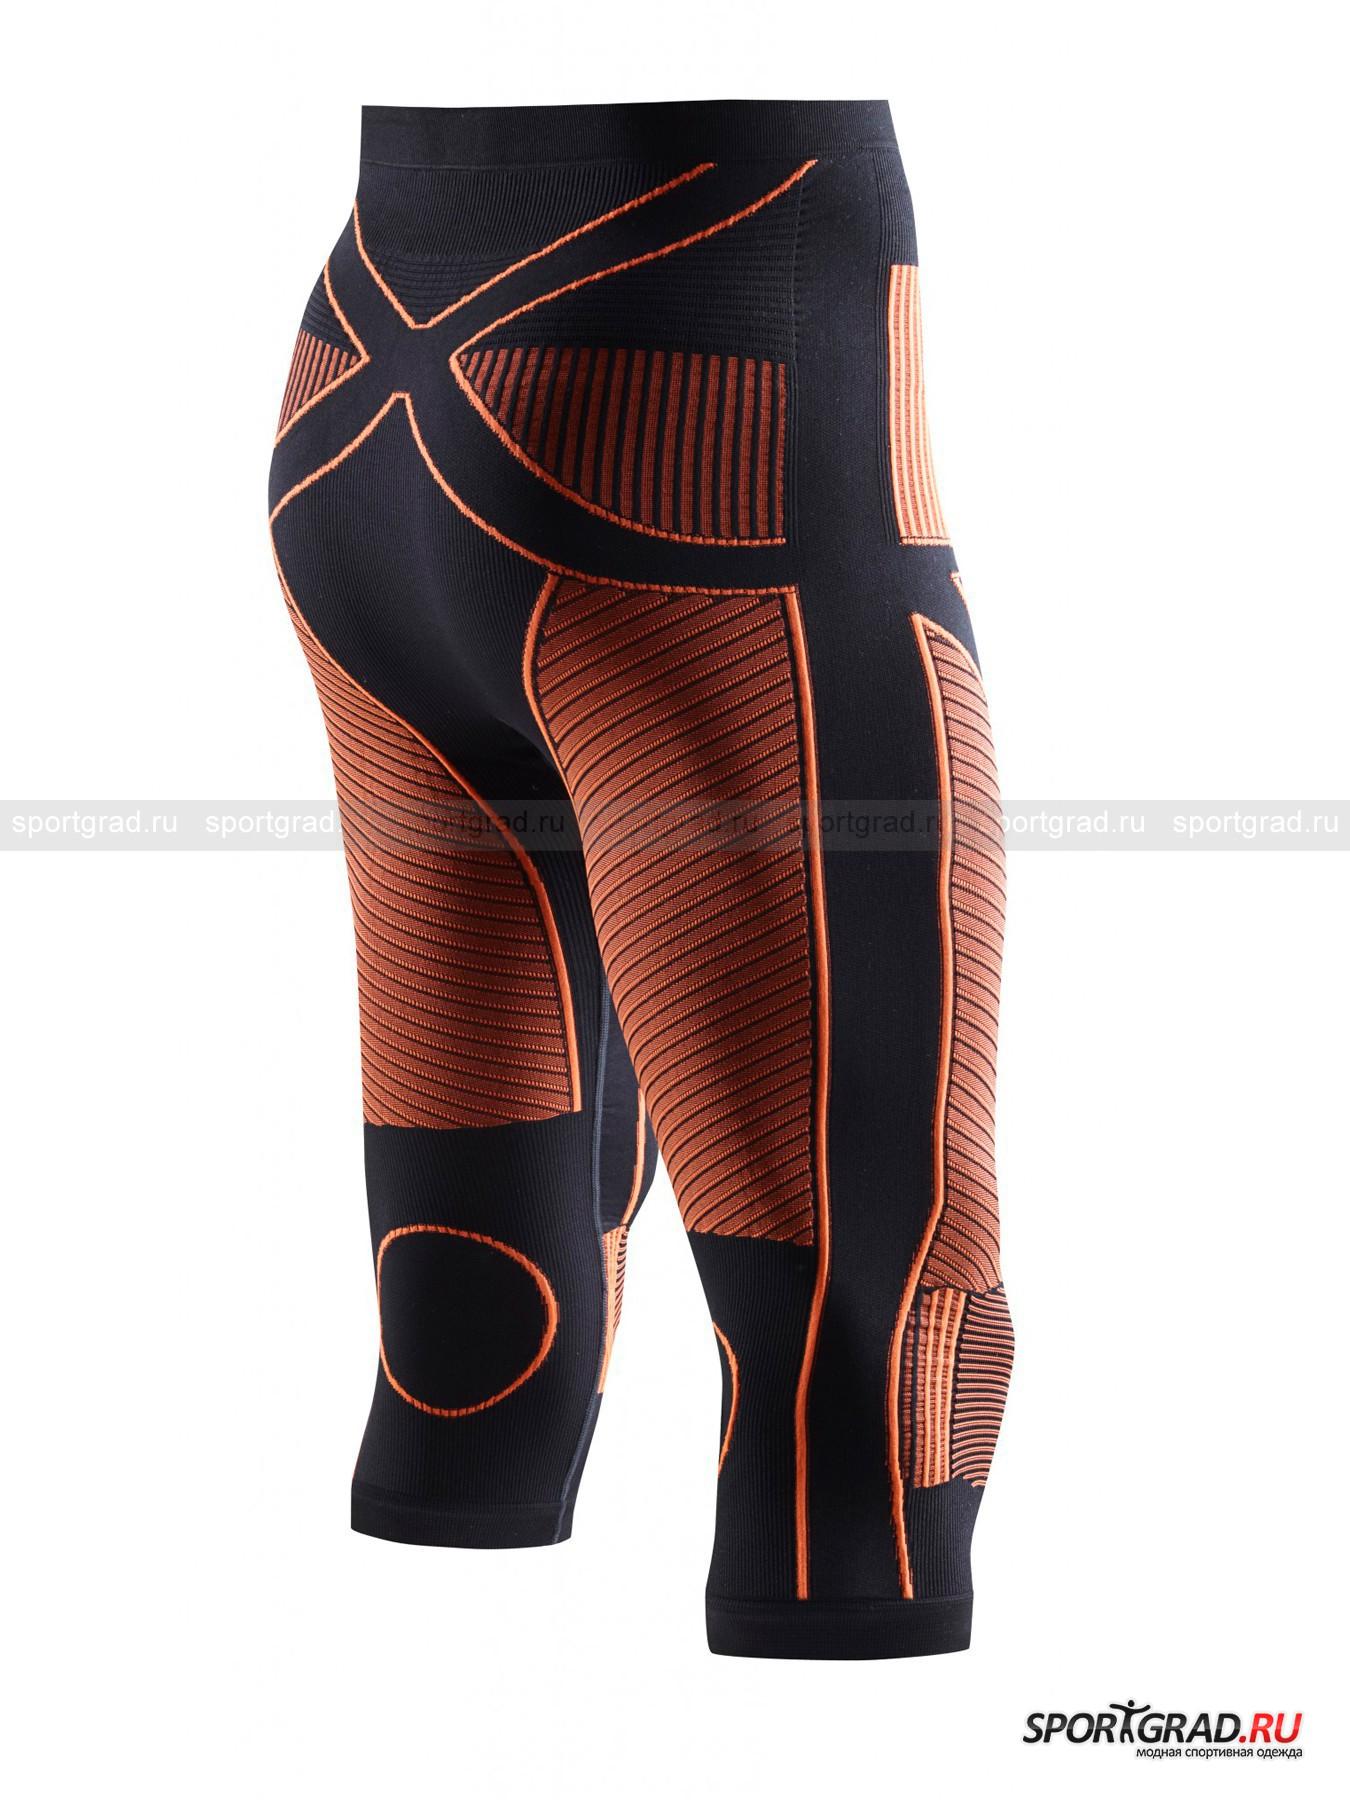 Белье: термобриджи мужские Pants Med Acum X-BIONIC для занятий спортом от Спортград